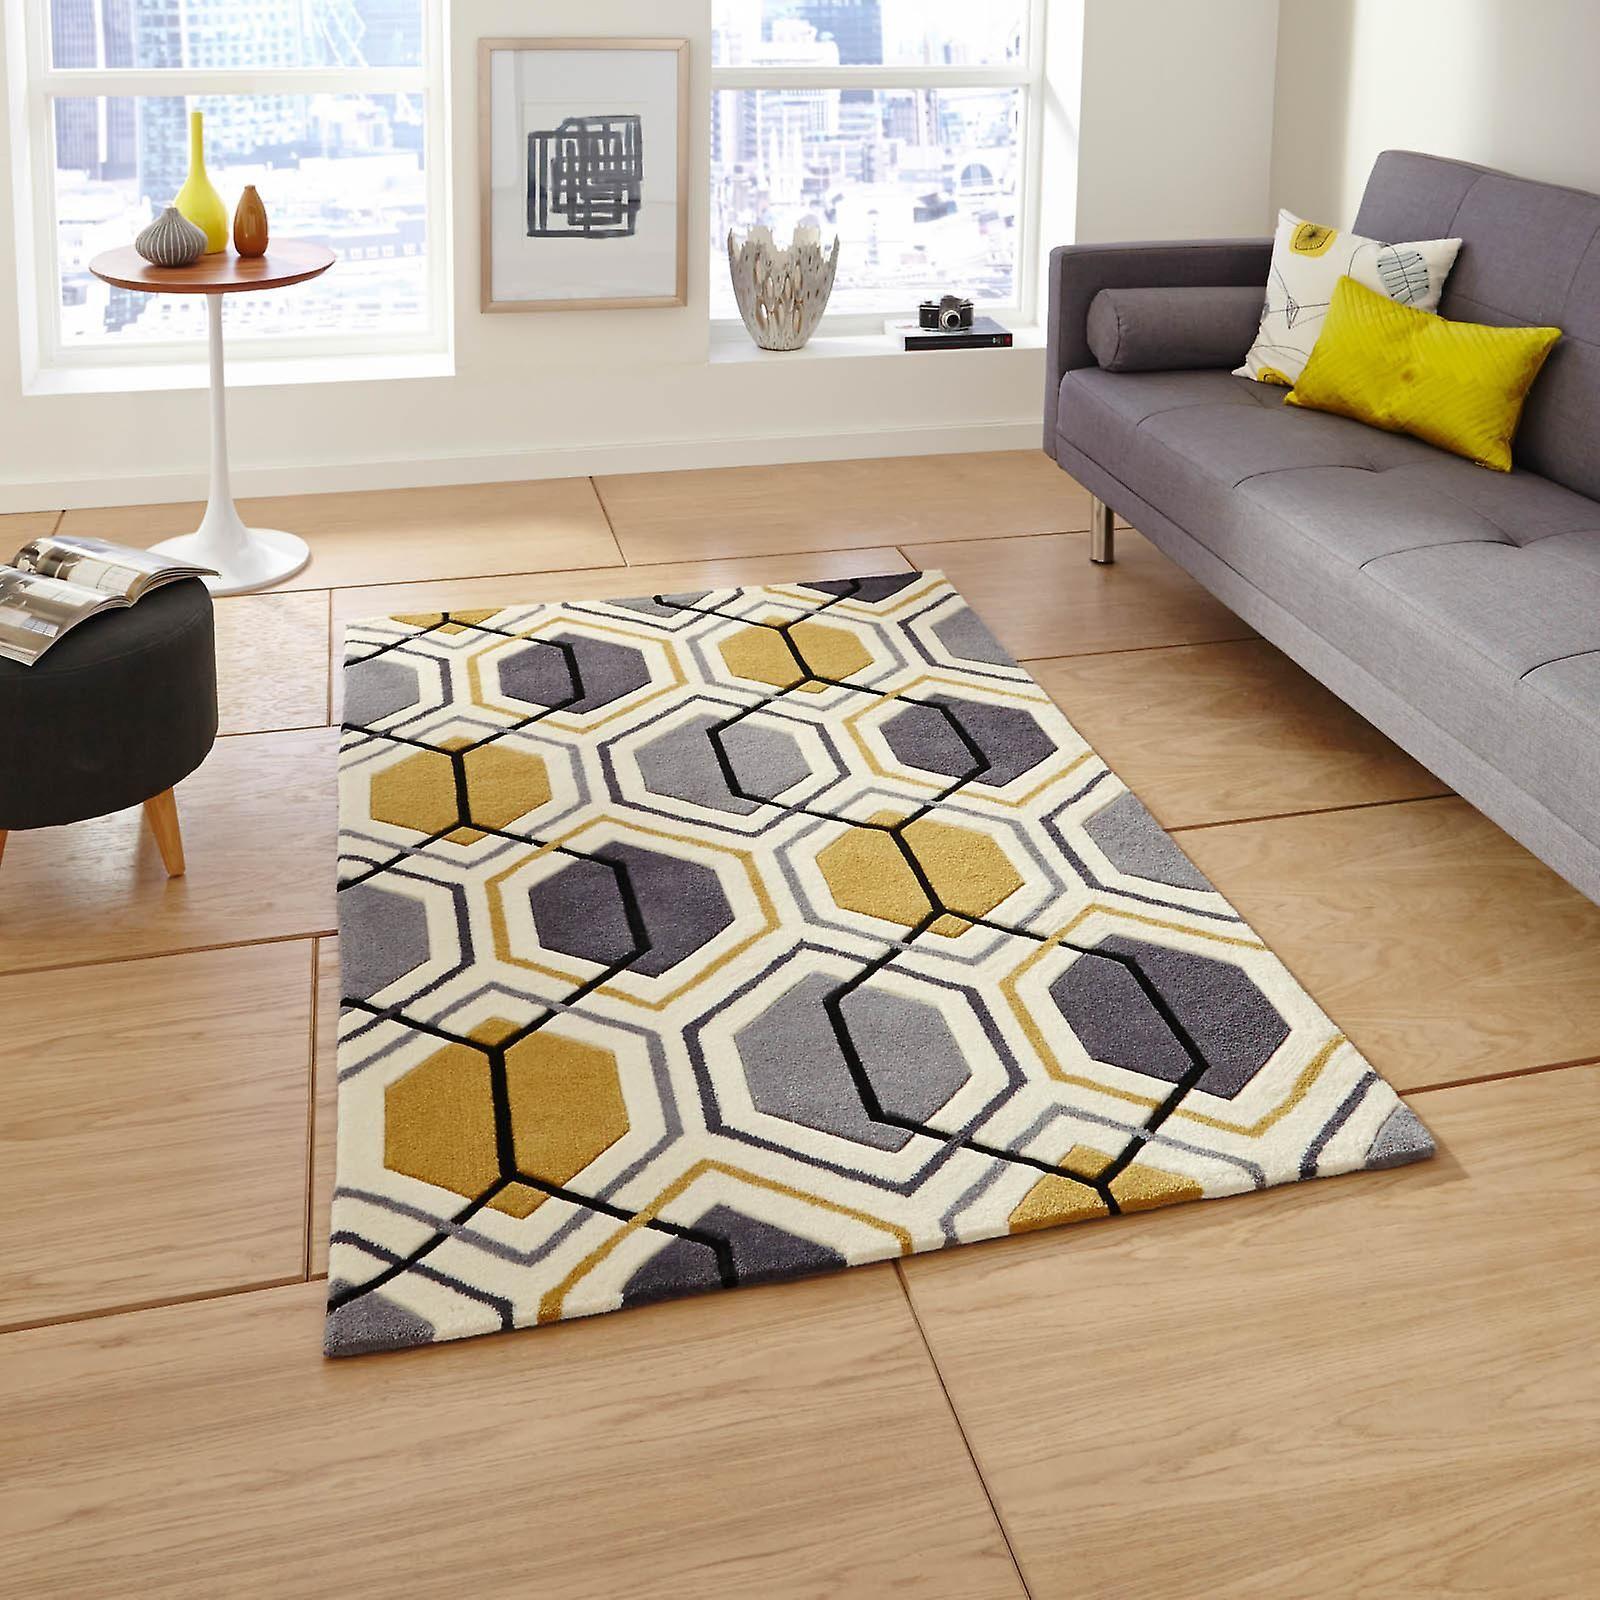 Hong Kong Hk 18 tapis gris jaune  Grey and yellow living room